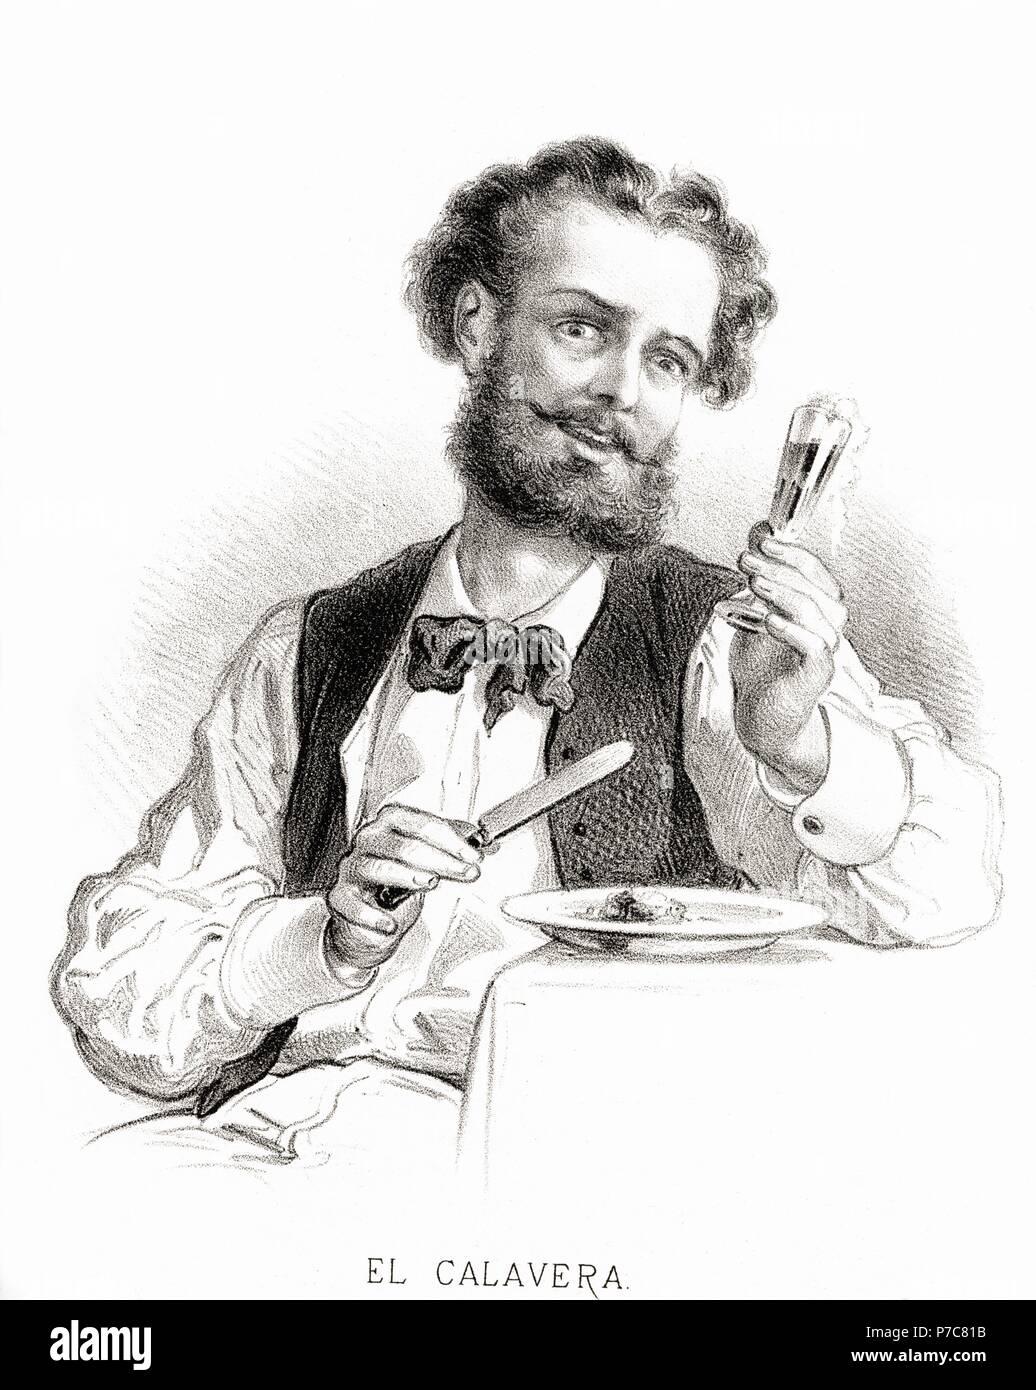 Carácteres del individuo. Hombre calavera. Grabado de 1870. Stock Photo